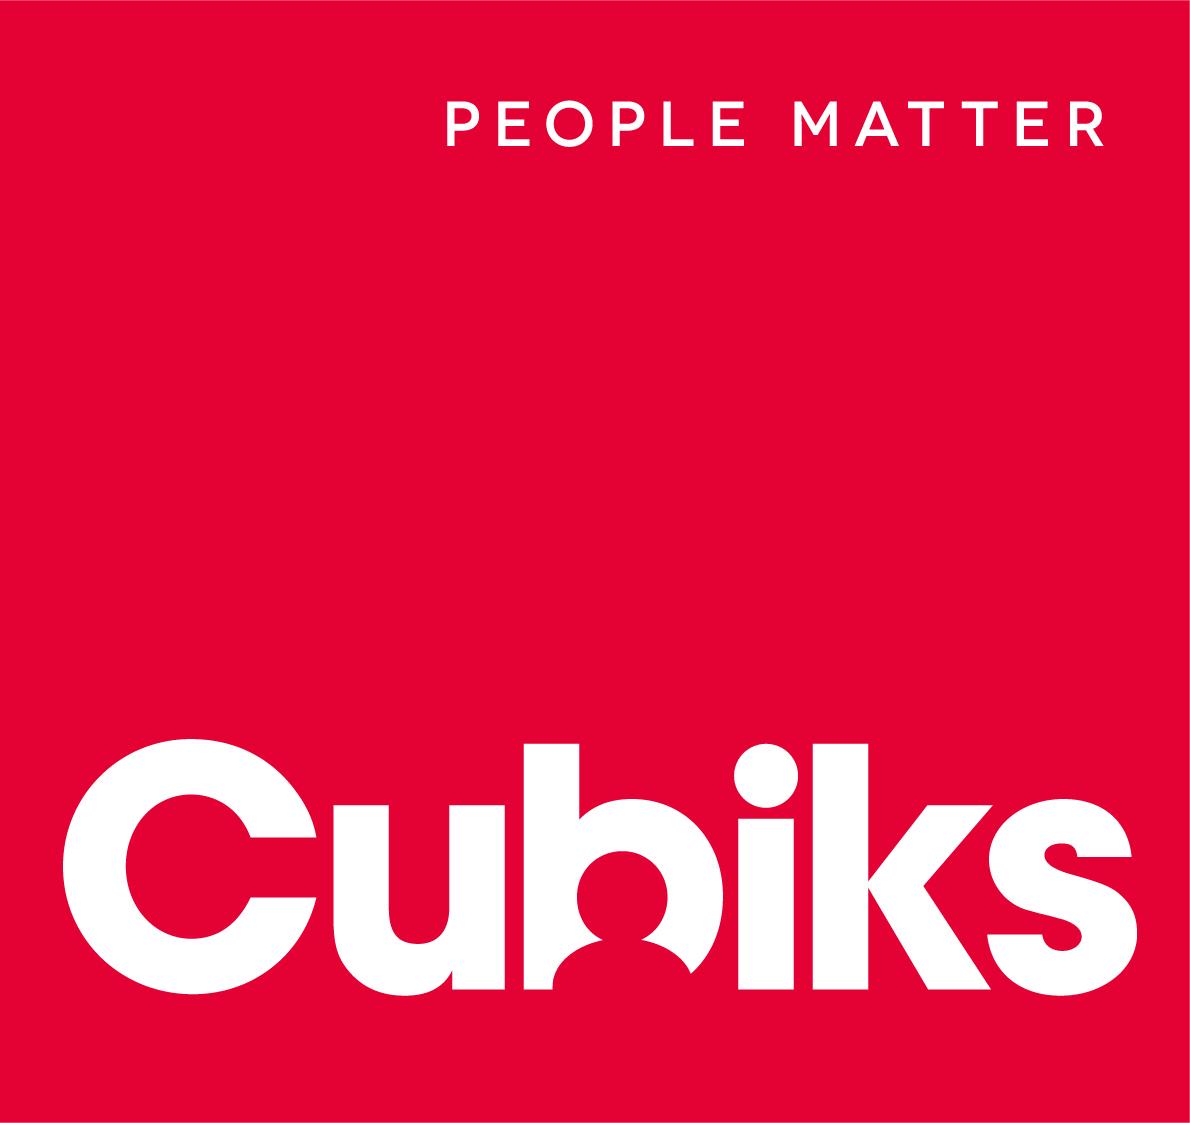 Cubiks